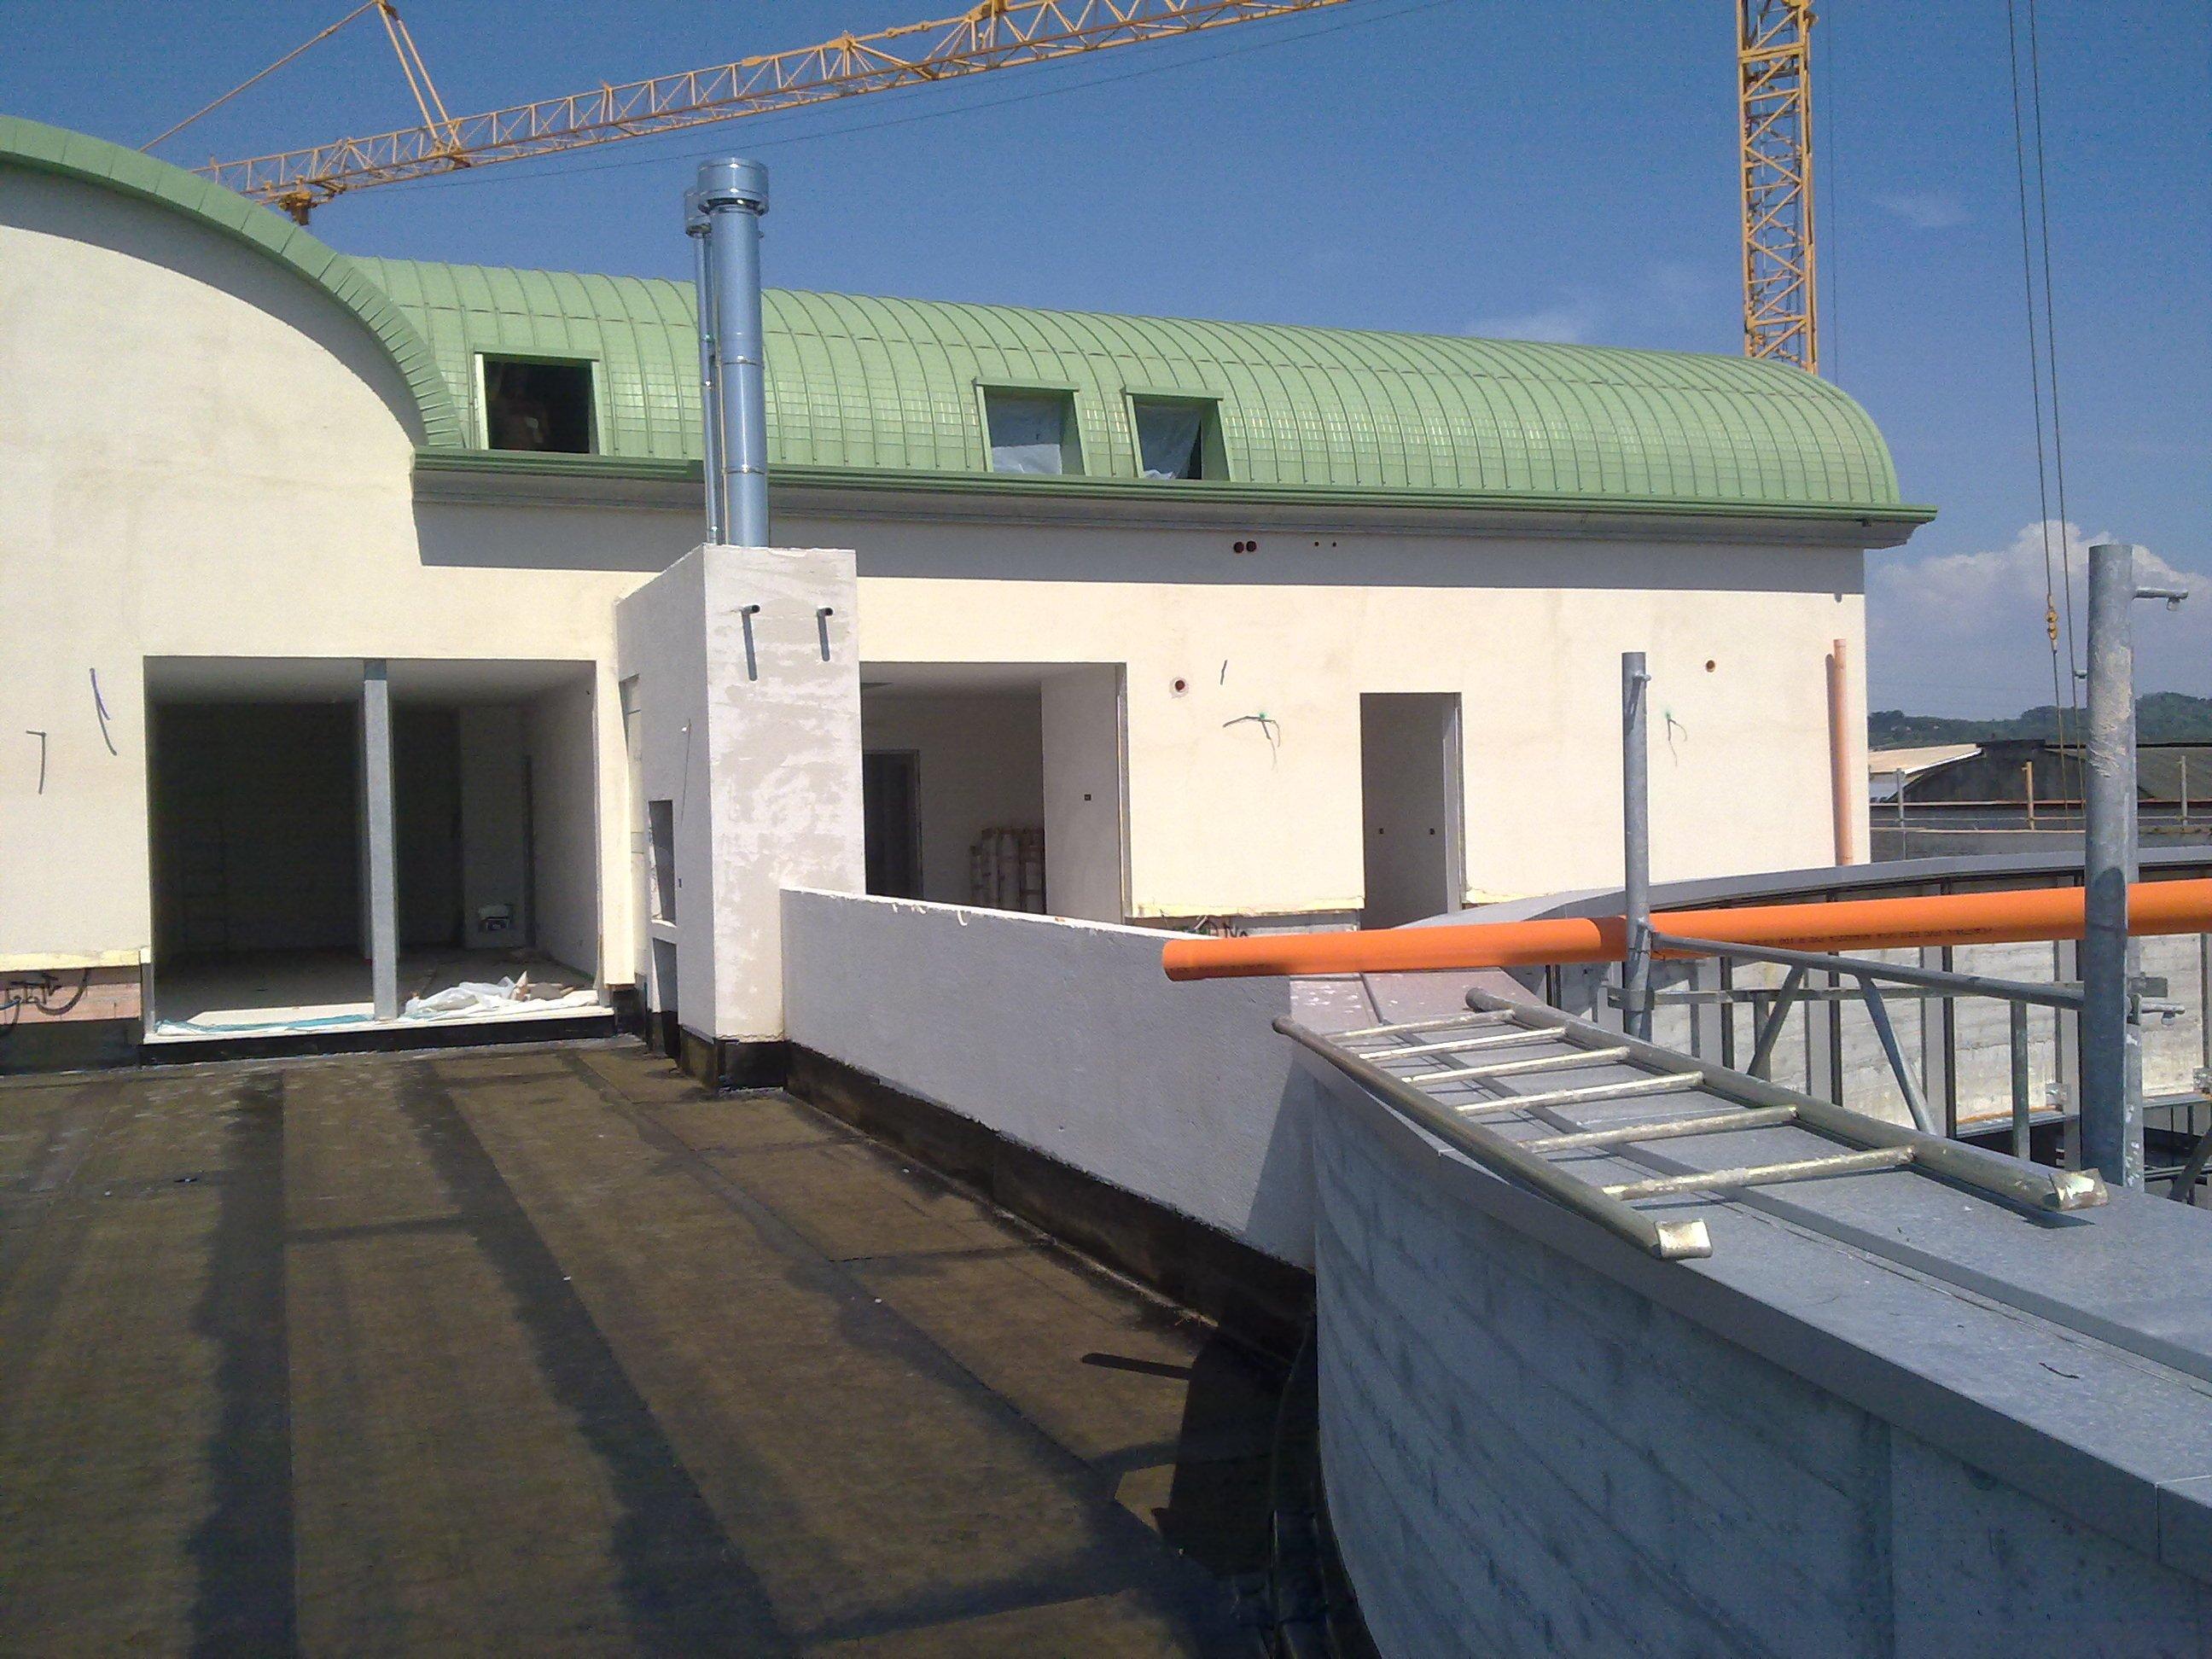 particolare della veranda di un edificio in costruzione